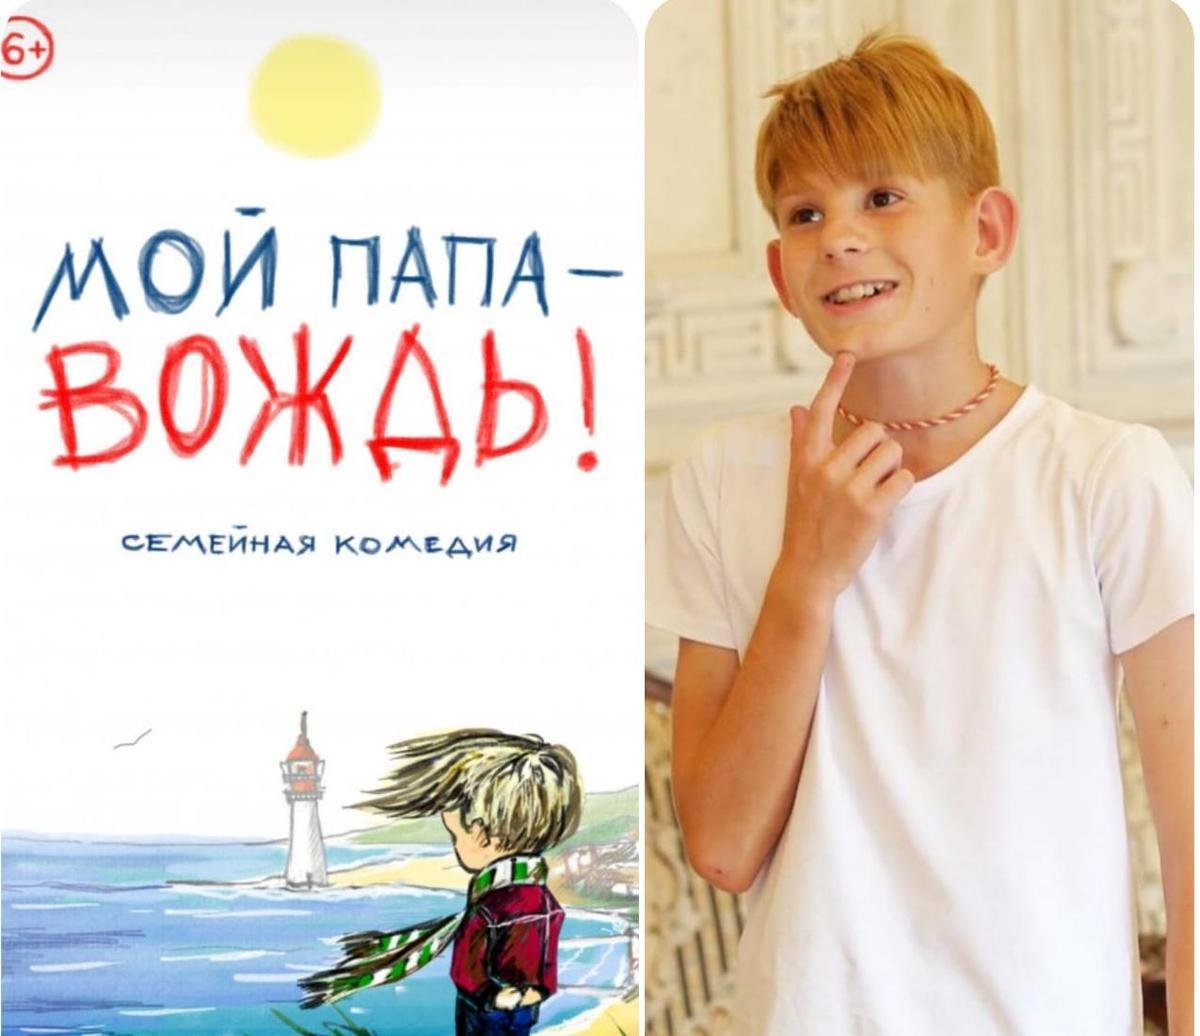 Школьник из Новороссийска может стать звездой русской комеди